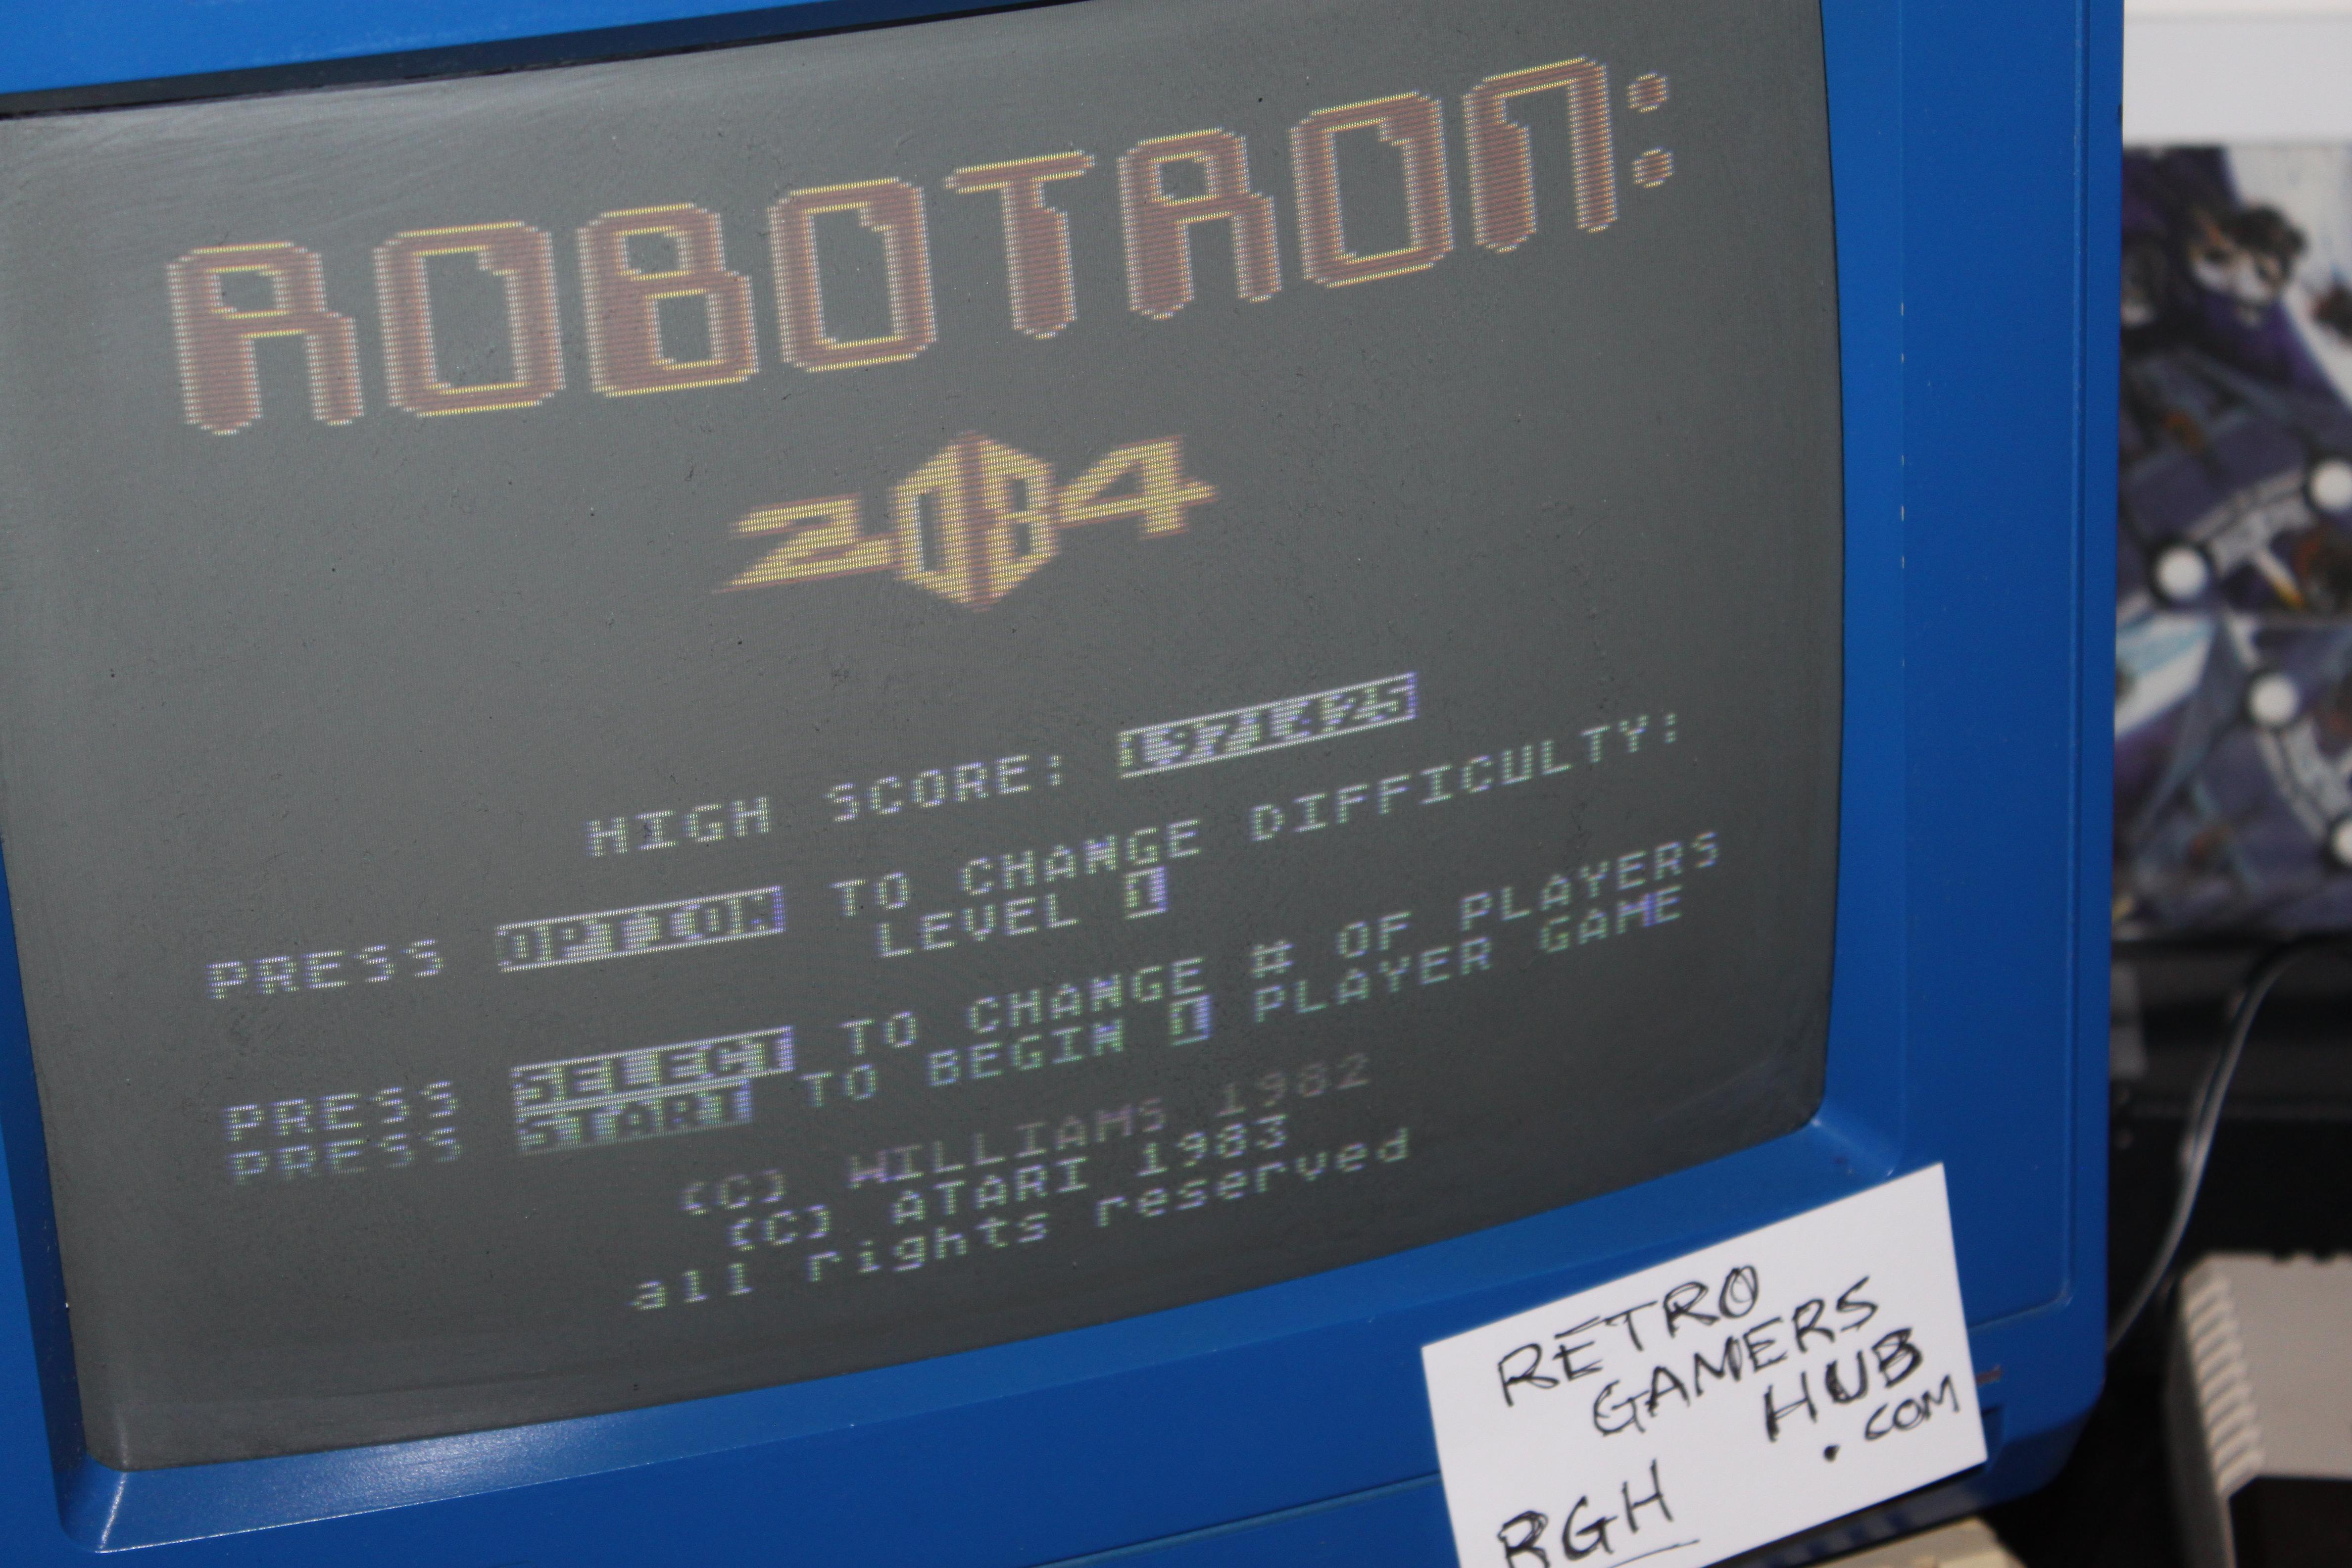 Robotron 2084 1,971,425 points